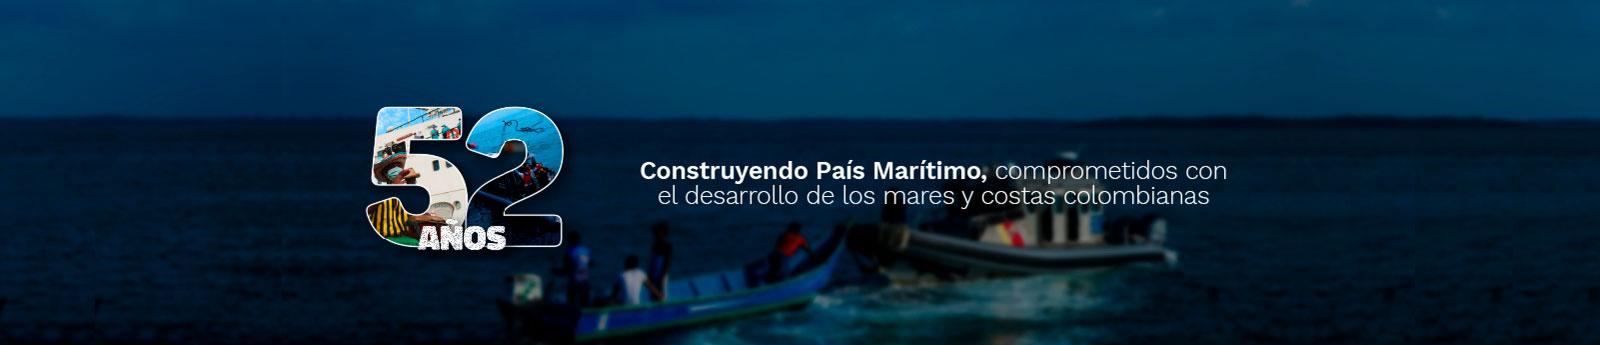 COMISIÓN COLOMBIANA DEL OCÉANO 52 AÑOS COMPROMETIDOS CON EL DESARROLLO DE LOS MARES Y COSTAS COLOMBIANAS